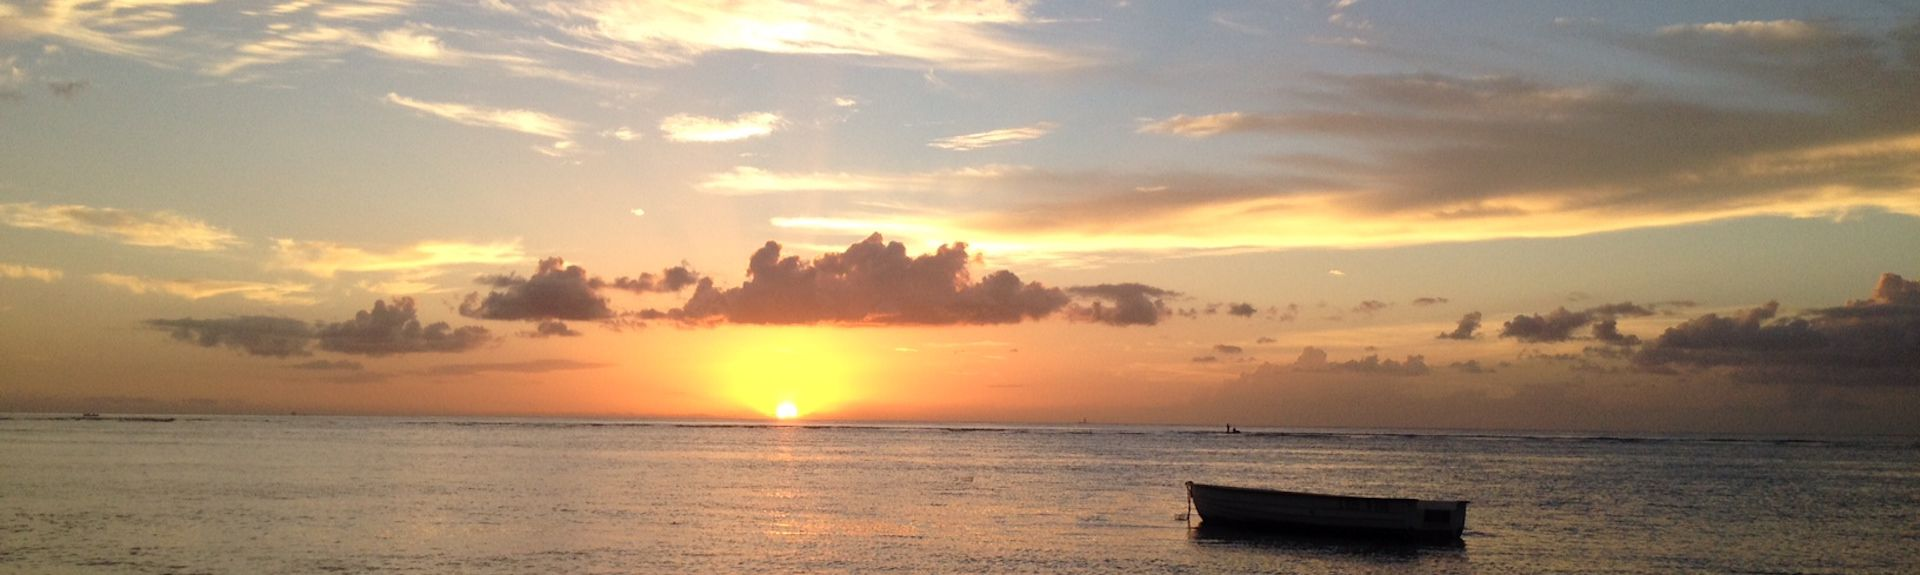 Anse la Raie, Rivière du Rempart, Mauritius